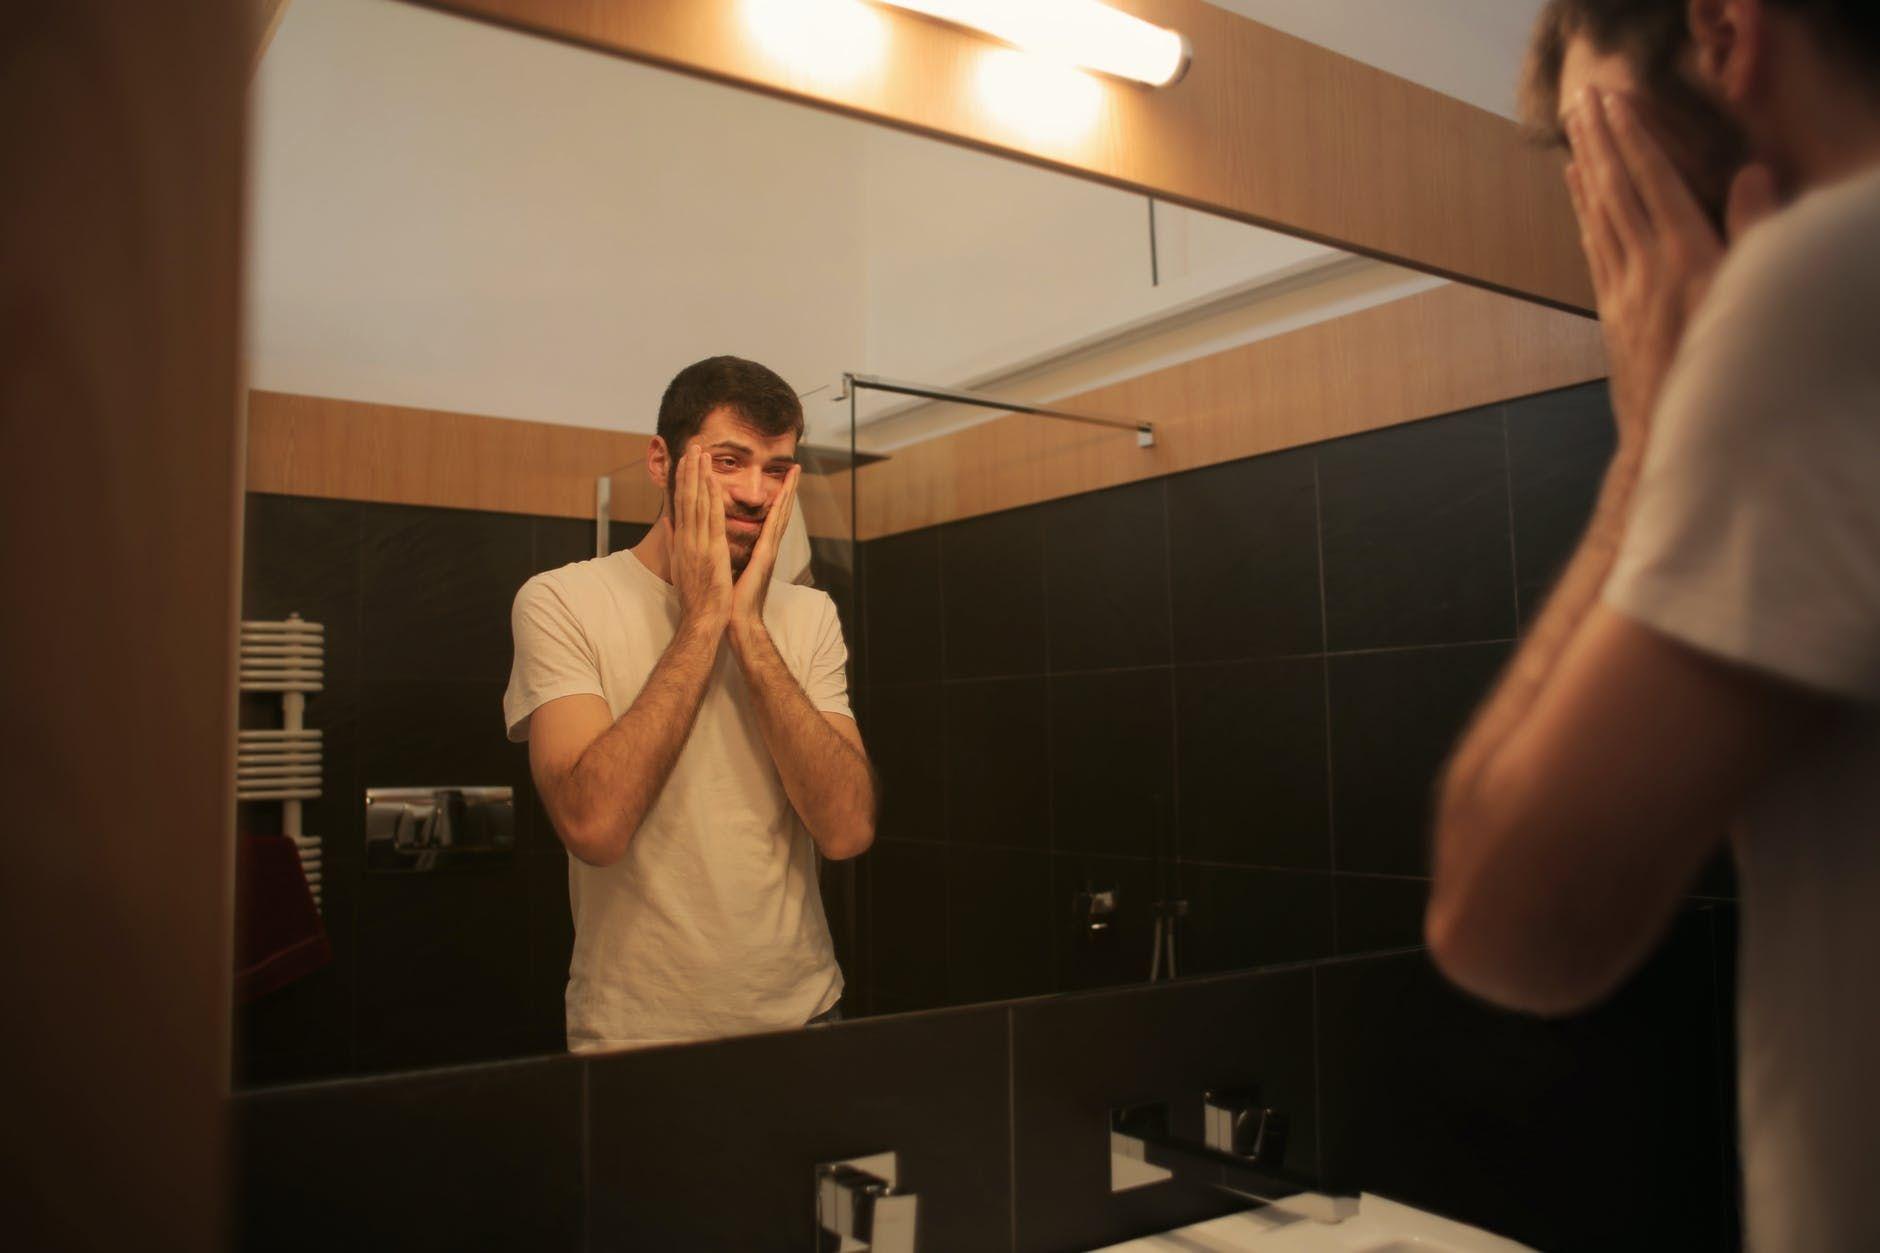 Menggelikan! 7 Hal Ini Sering dilakukan Para Pria Ketika Kamu Tak Ada